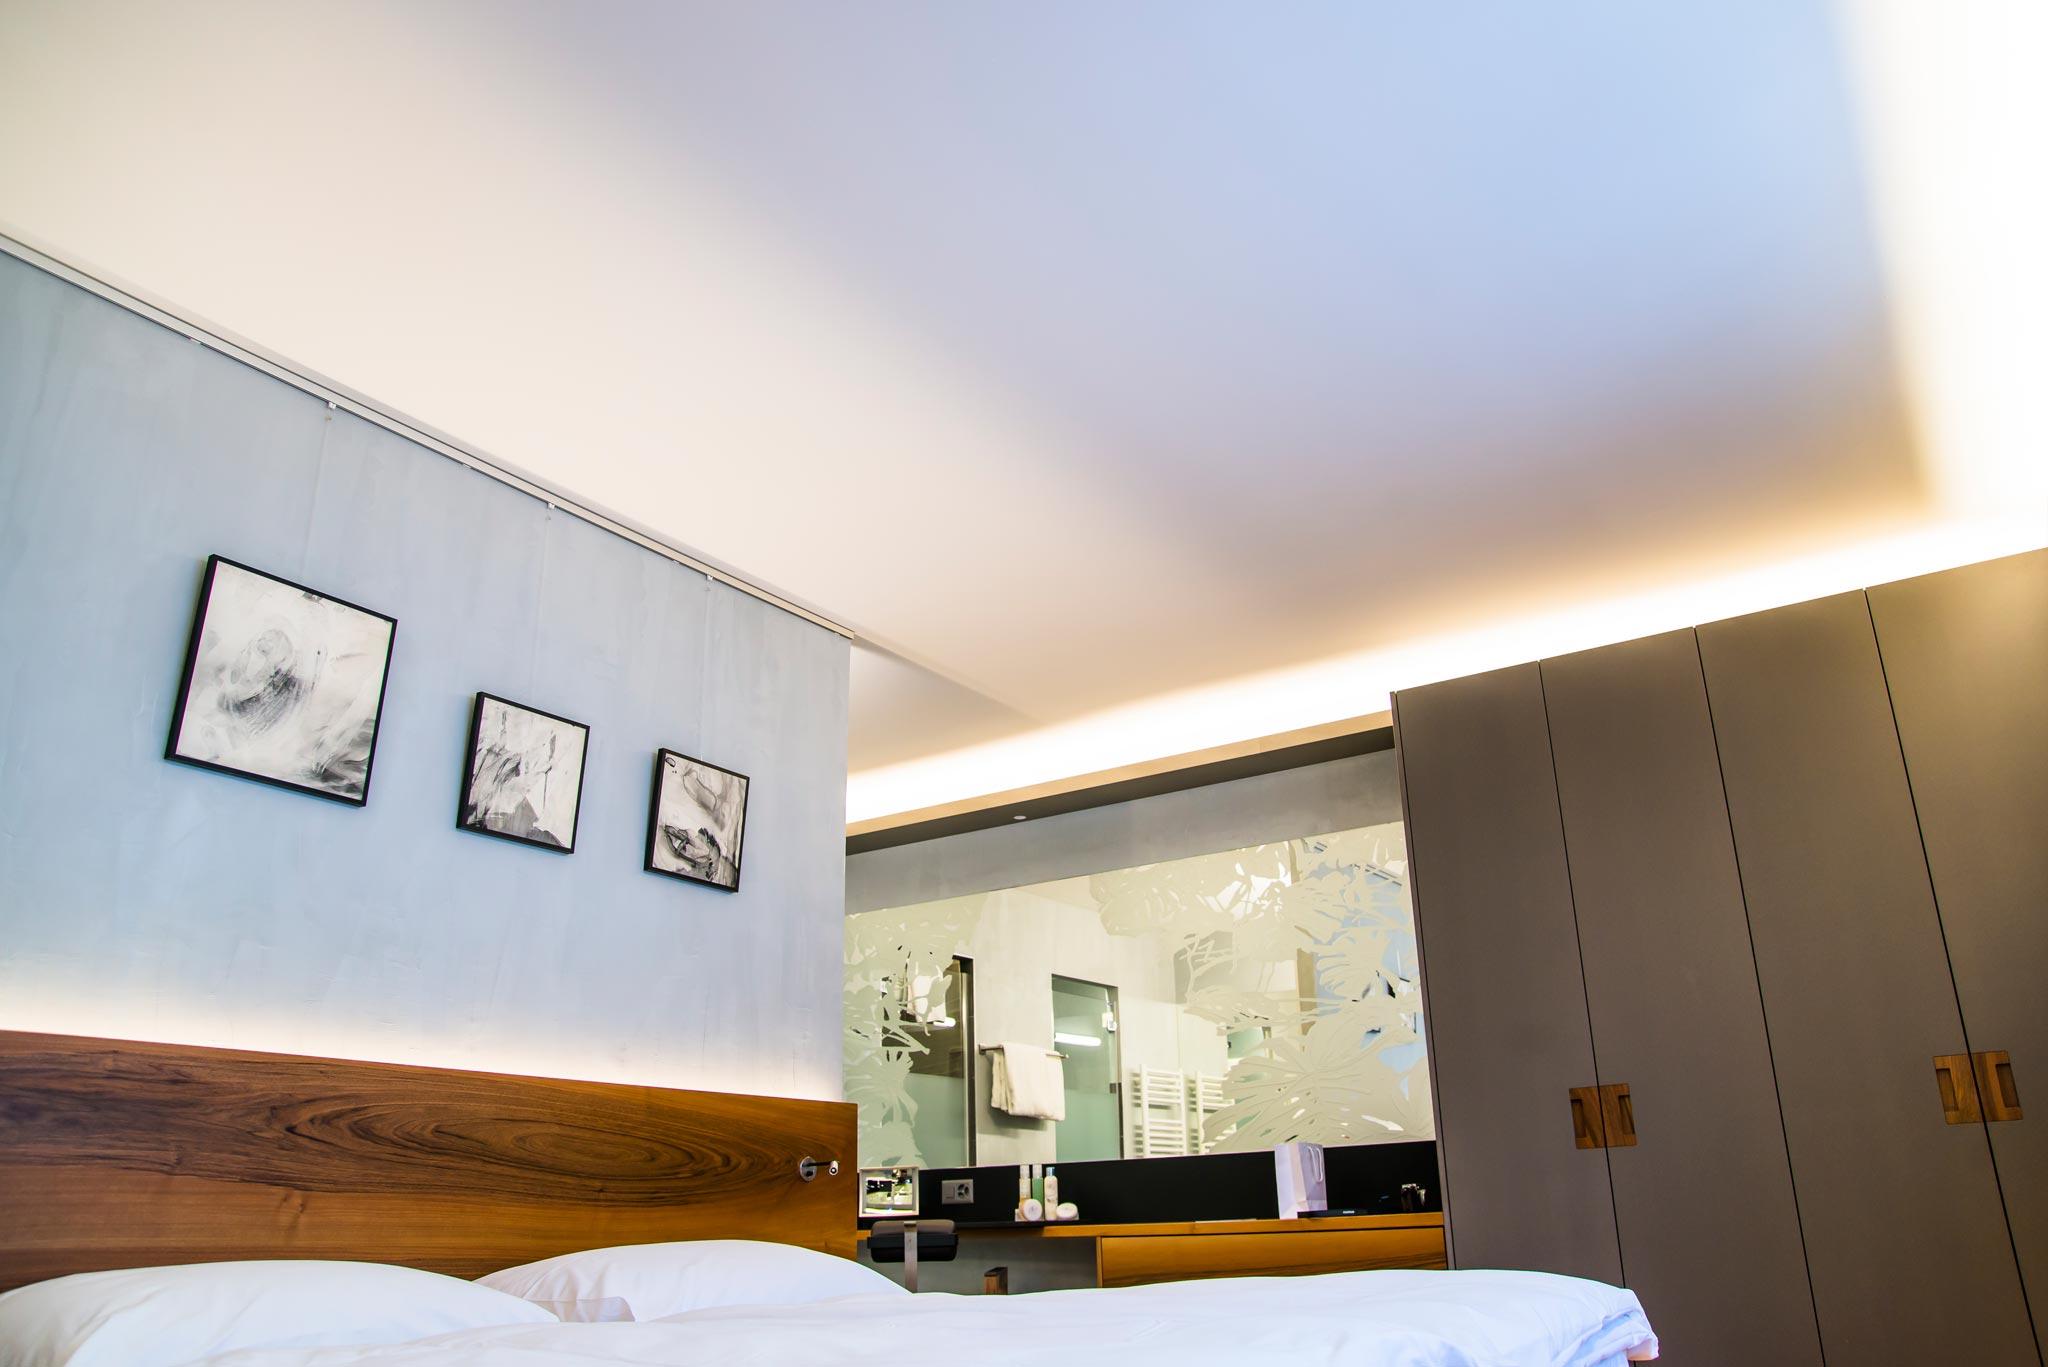 ES BainSaillon 6060 chambre hor 17 01 030 - ...Suite des bains de saillon